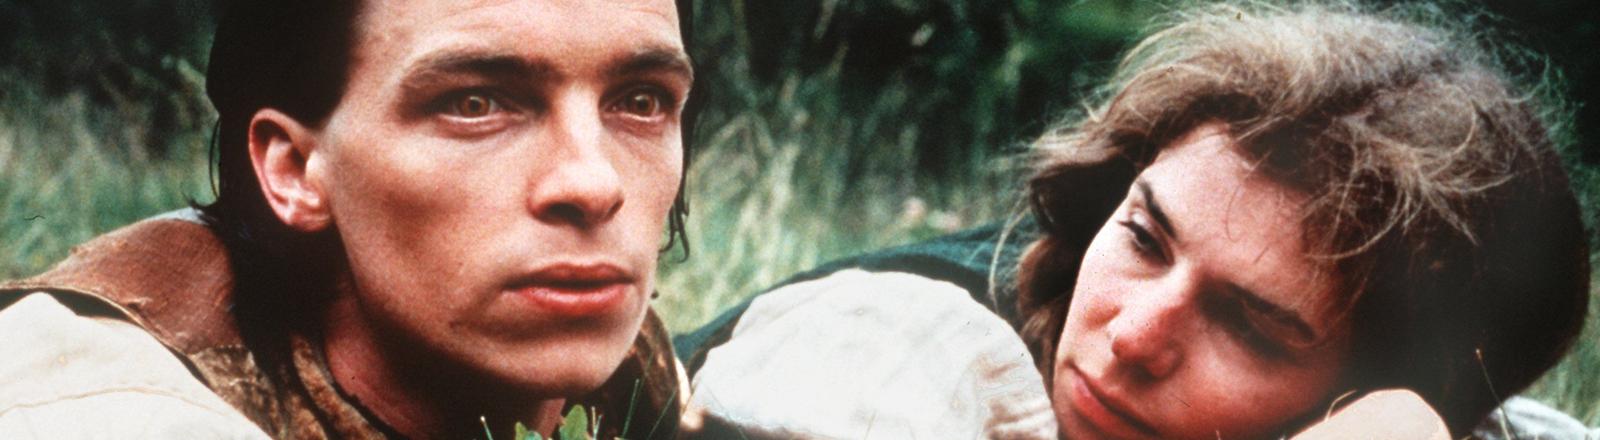 Screenshot aus dem Film Schlafes Bruder